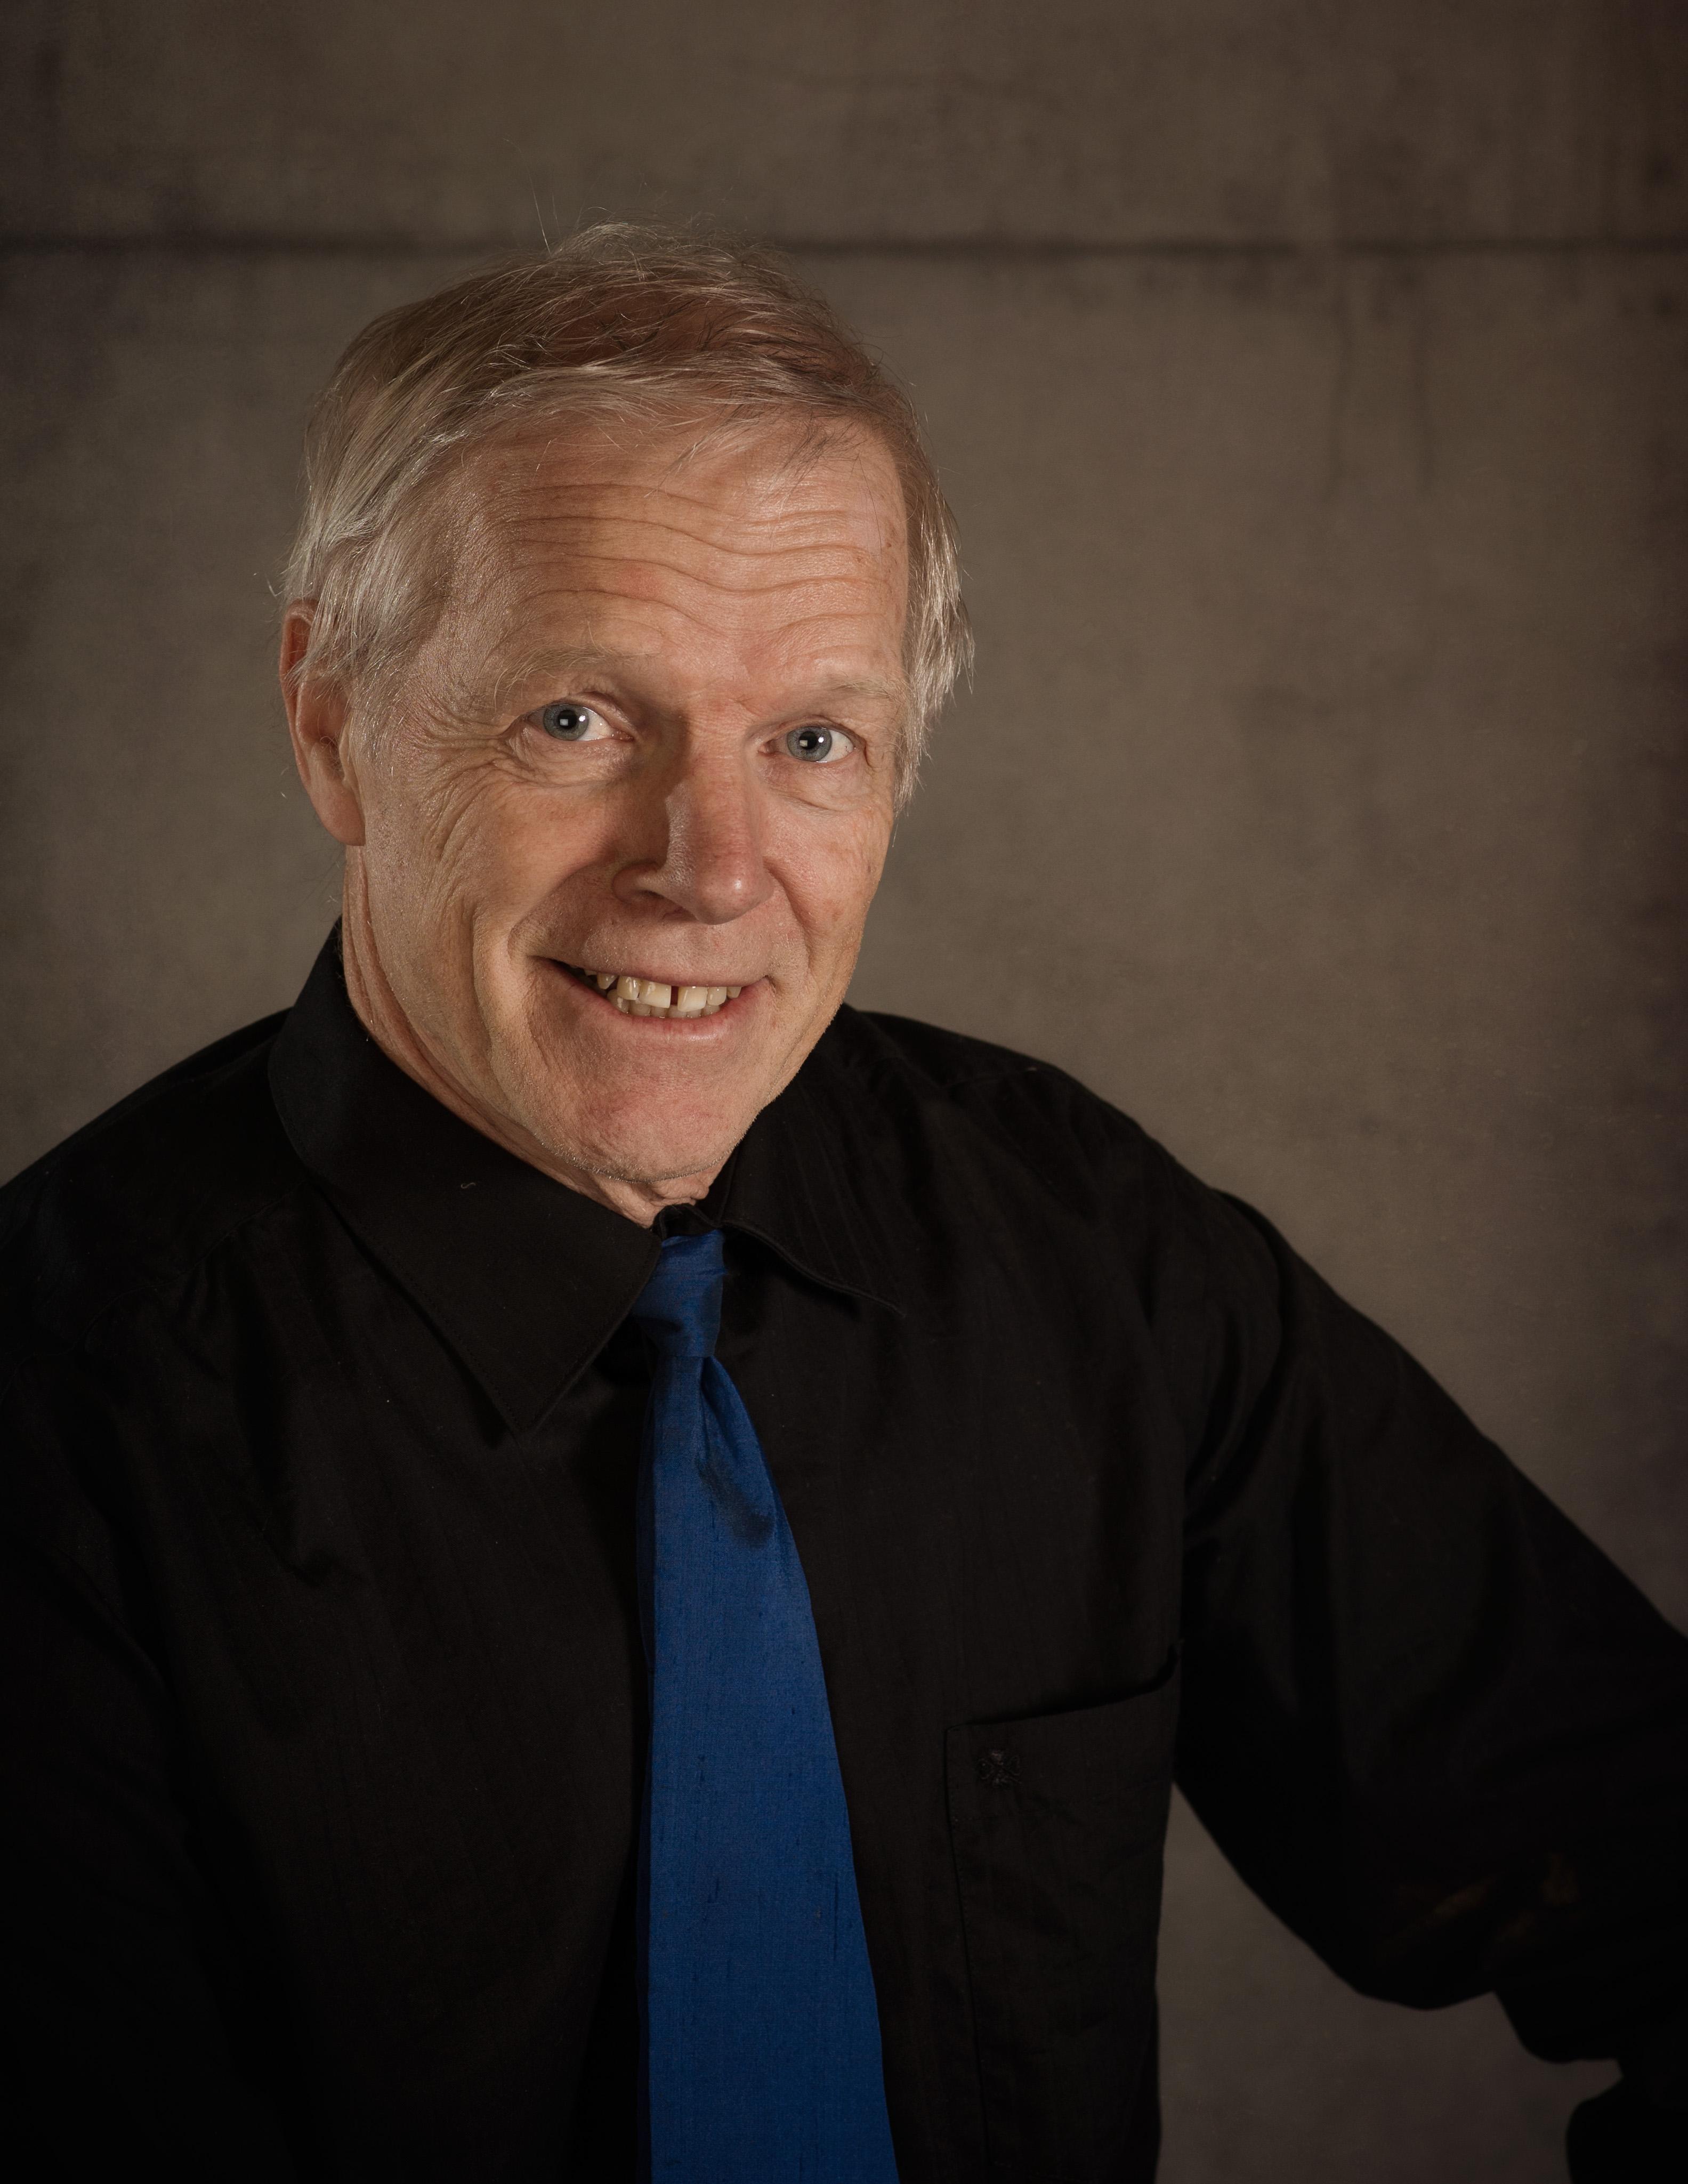 Torbjørn Holt (bass)